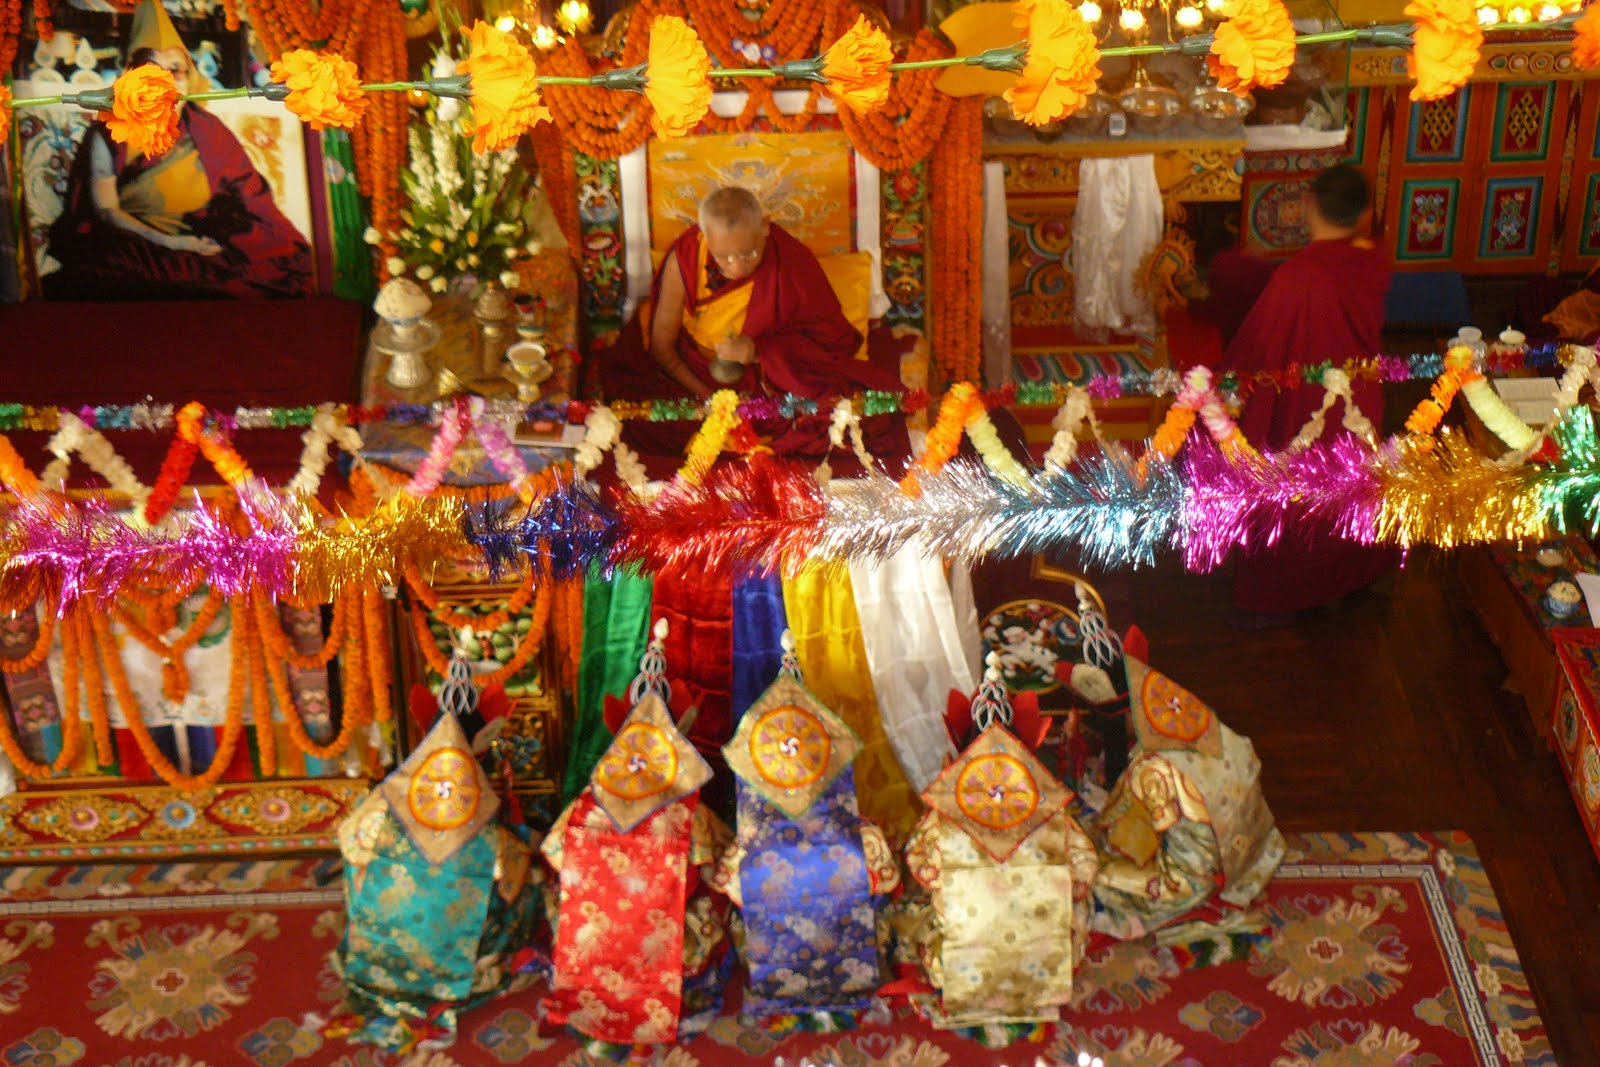 5 dakinis during long life puja, Kopan Monastery, December 2008.